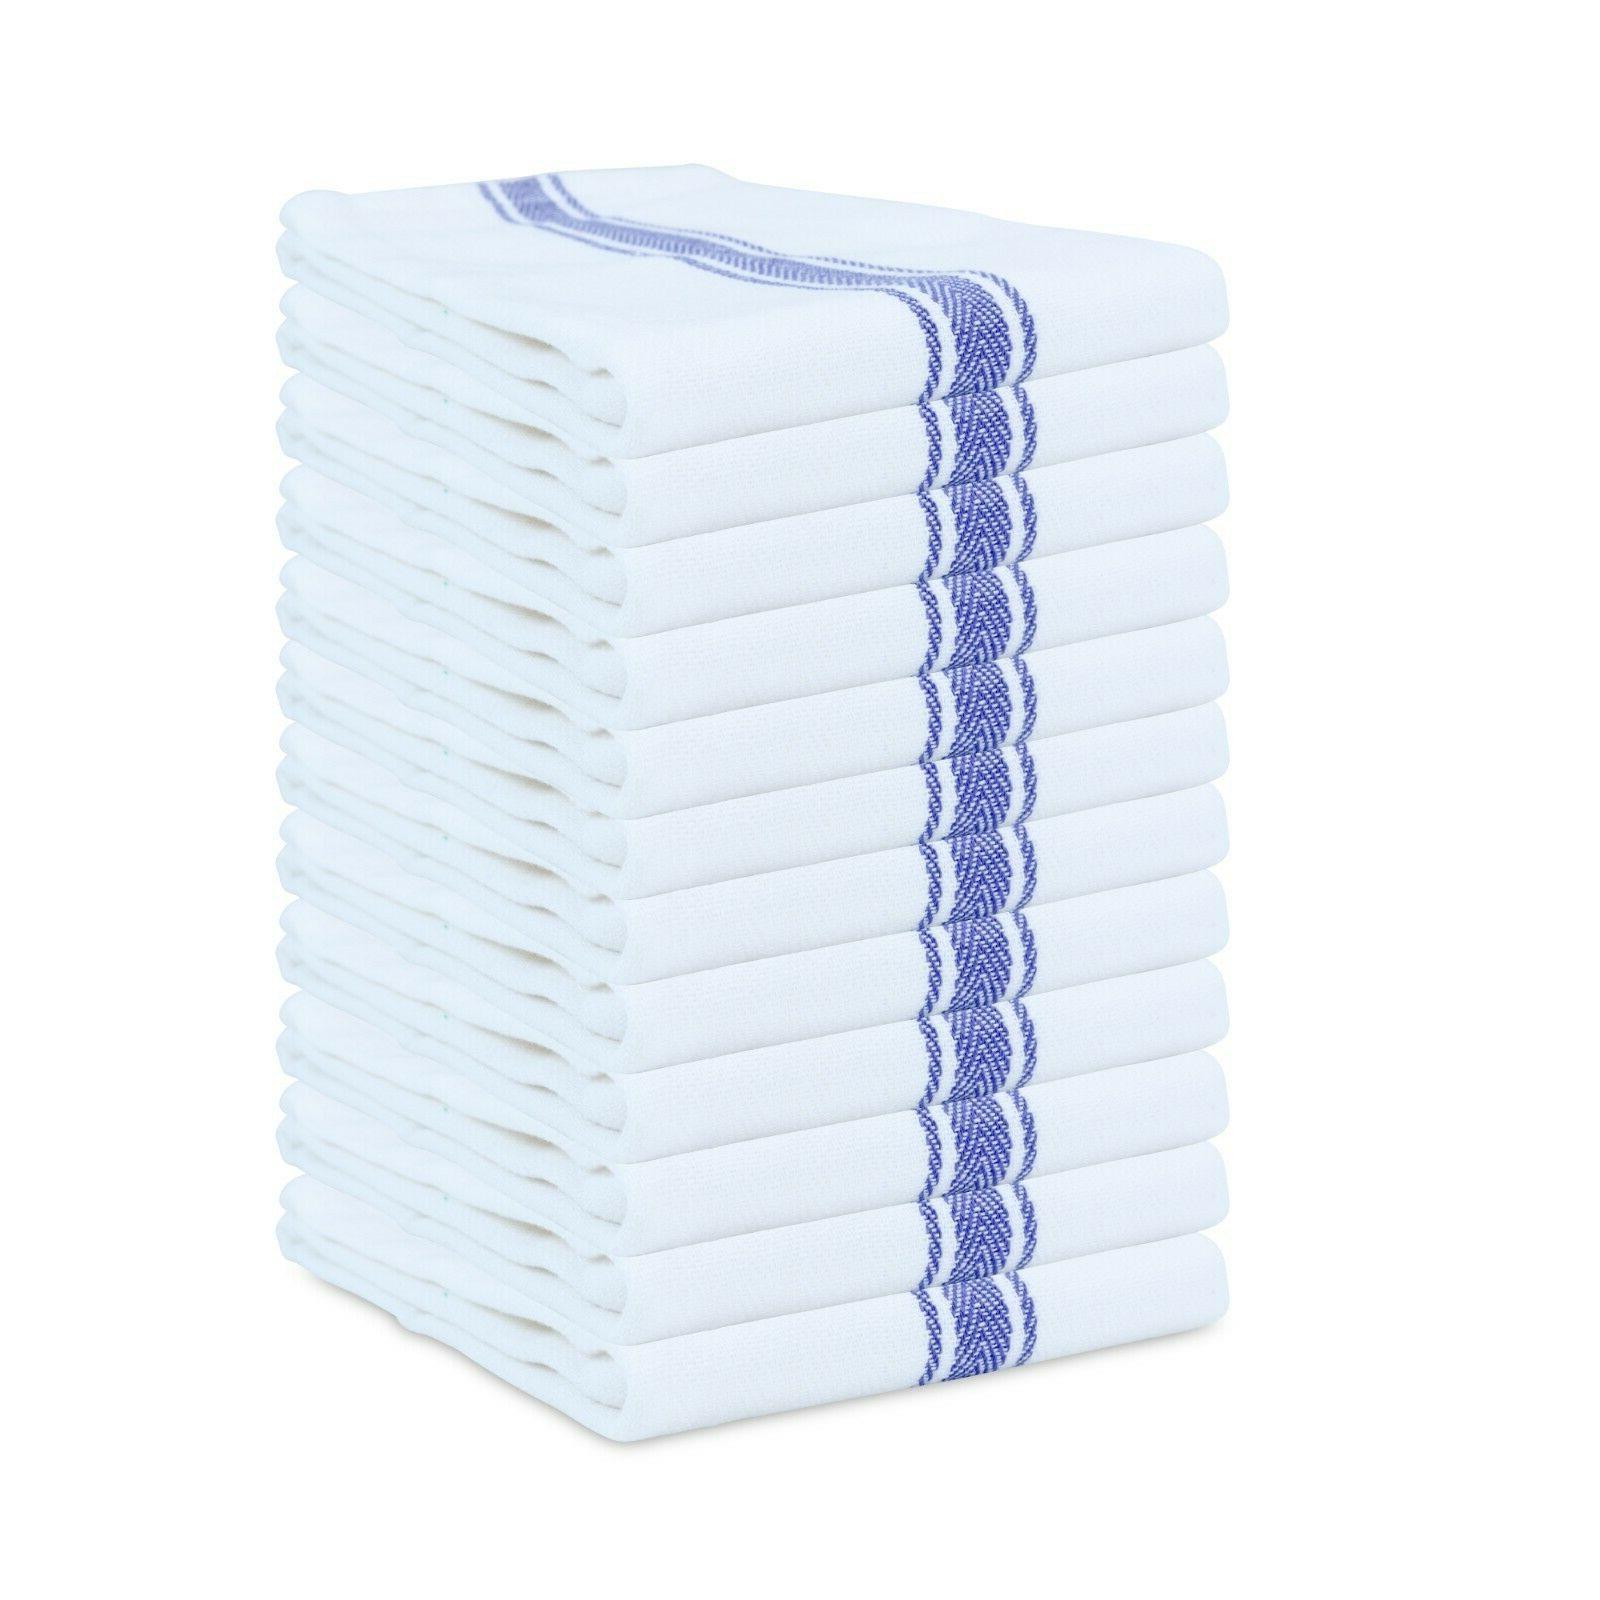 Striped Kitchen Tea Towels Packs of 12 Dish Towels - 15 x 25